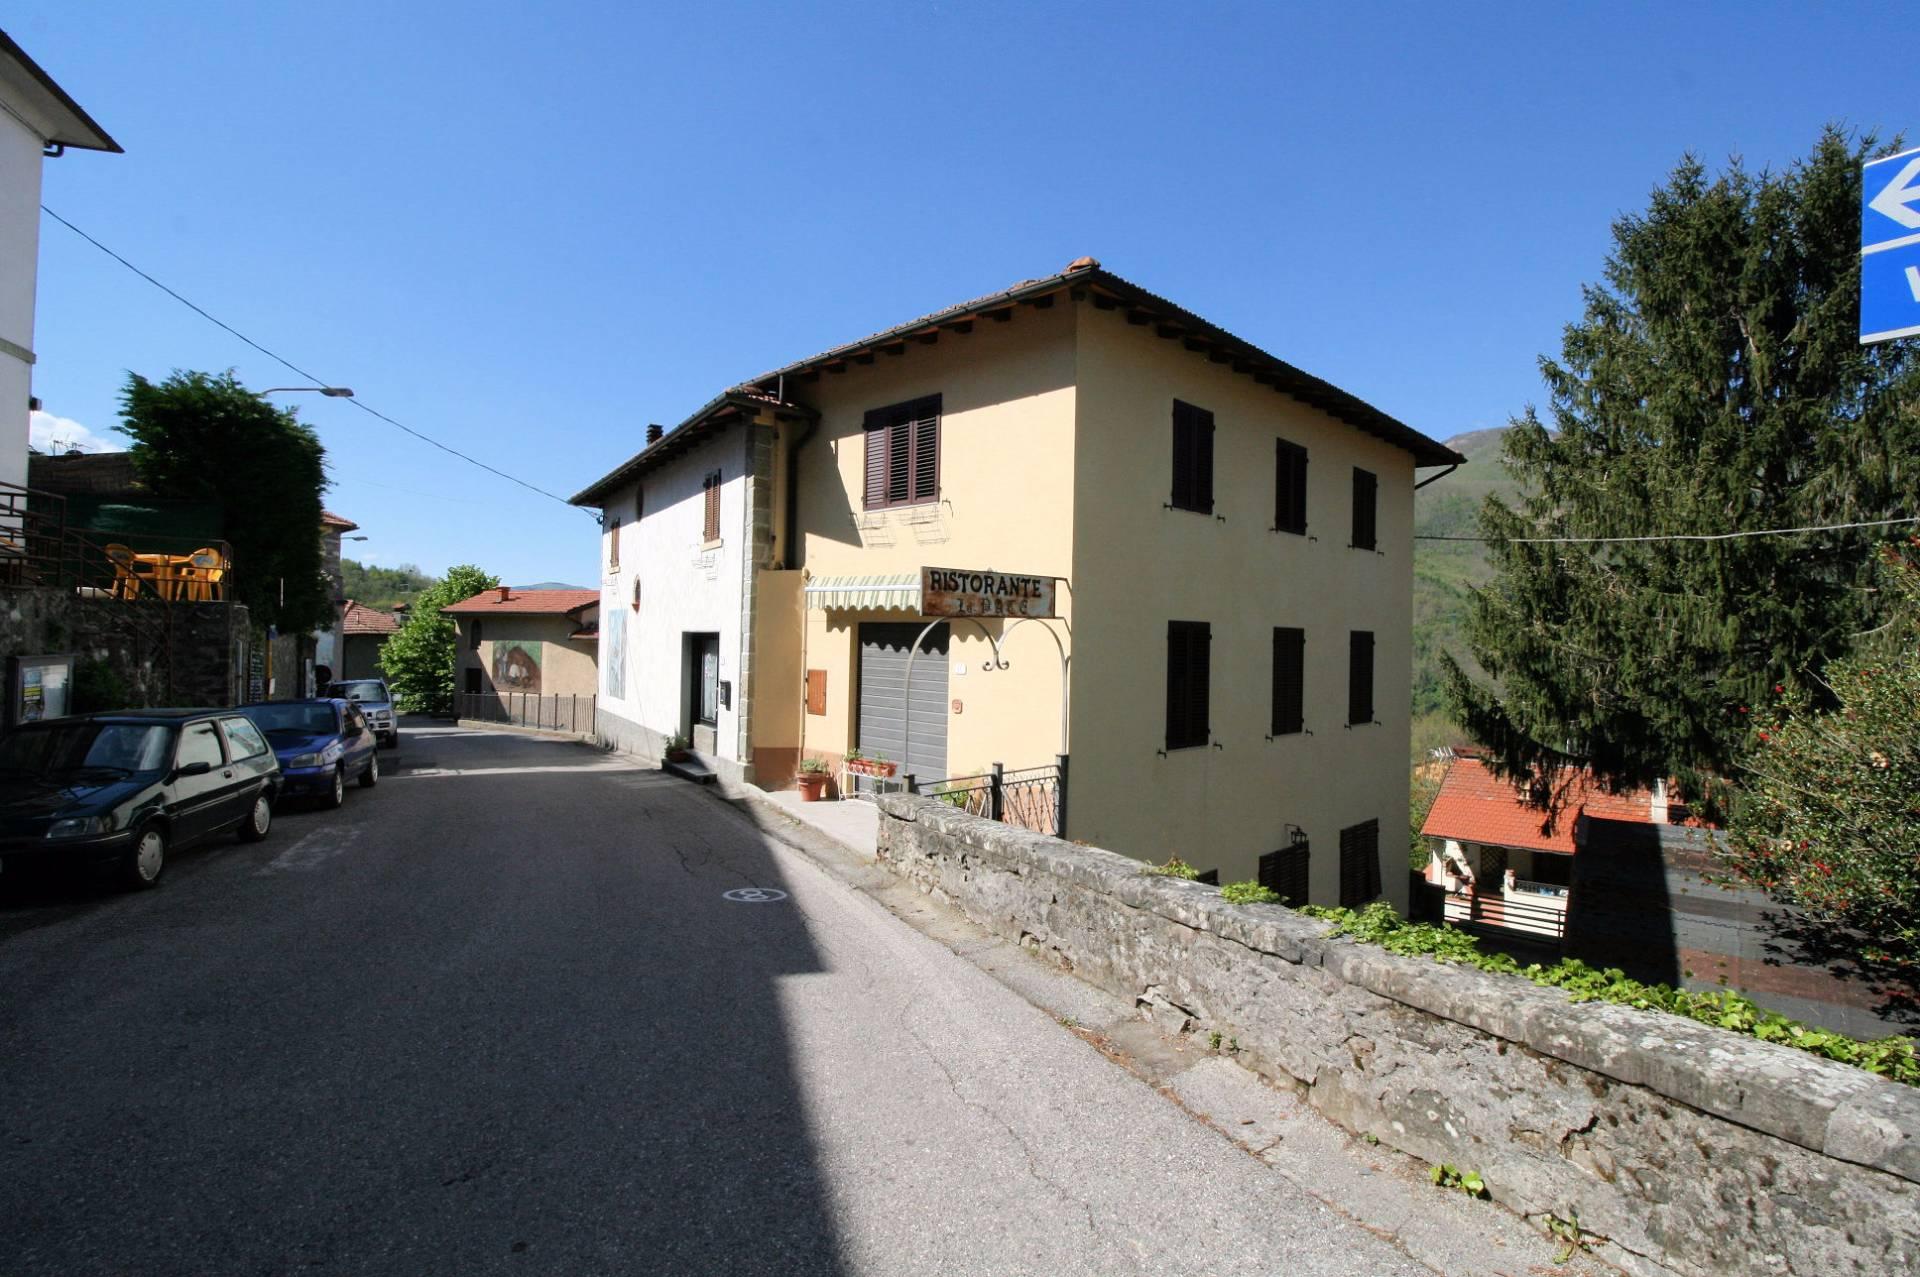 Albergo in vendita a San Marcello Pistoiese, 22 locali, zona Zona: Lizzano, prezzo € 100.000 | CambioCasa.it